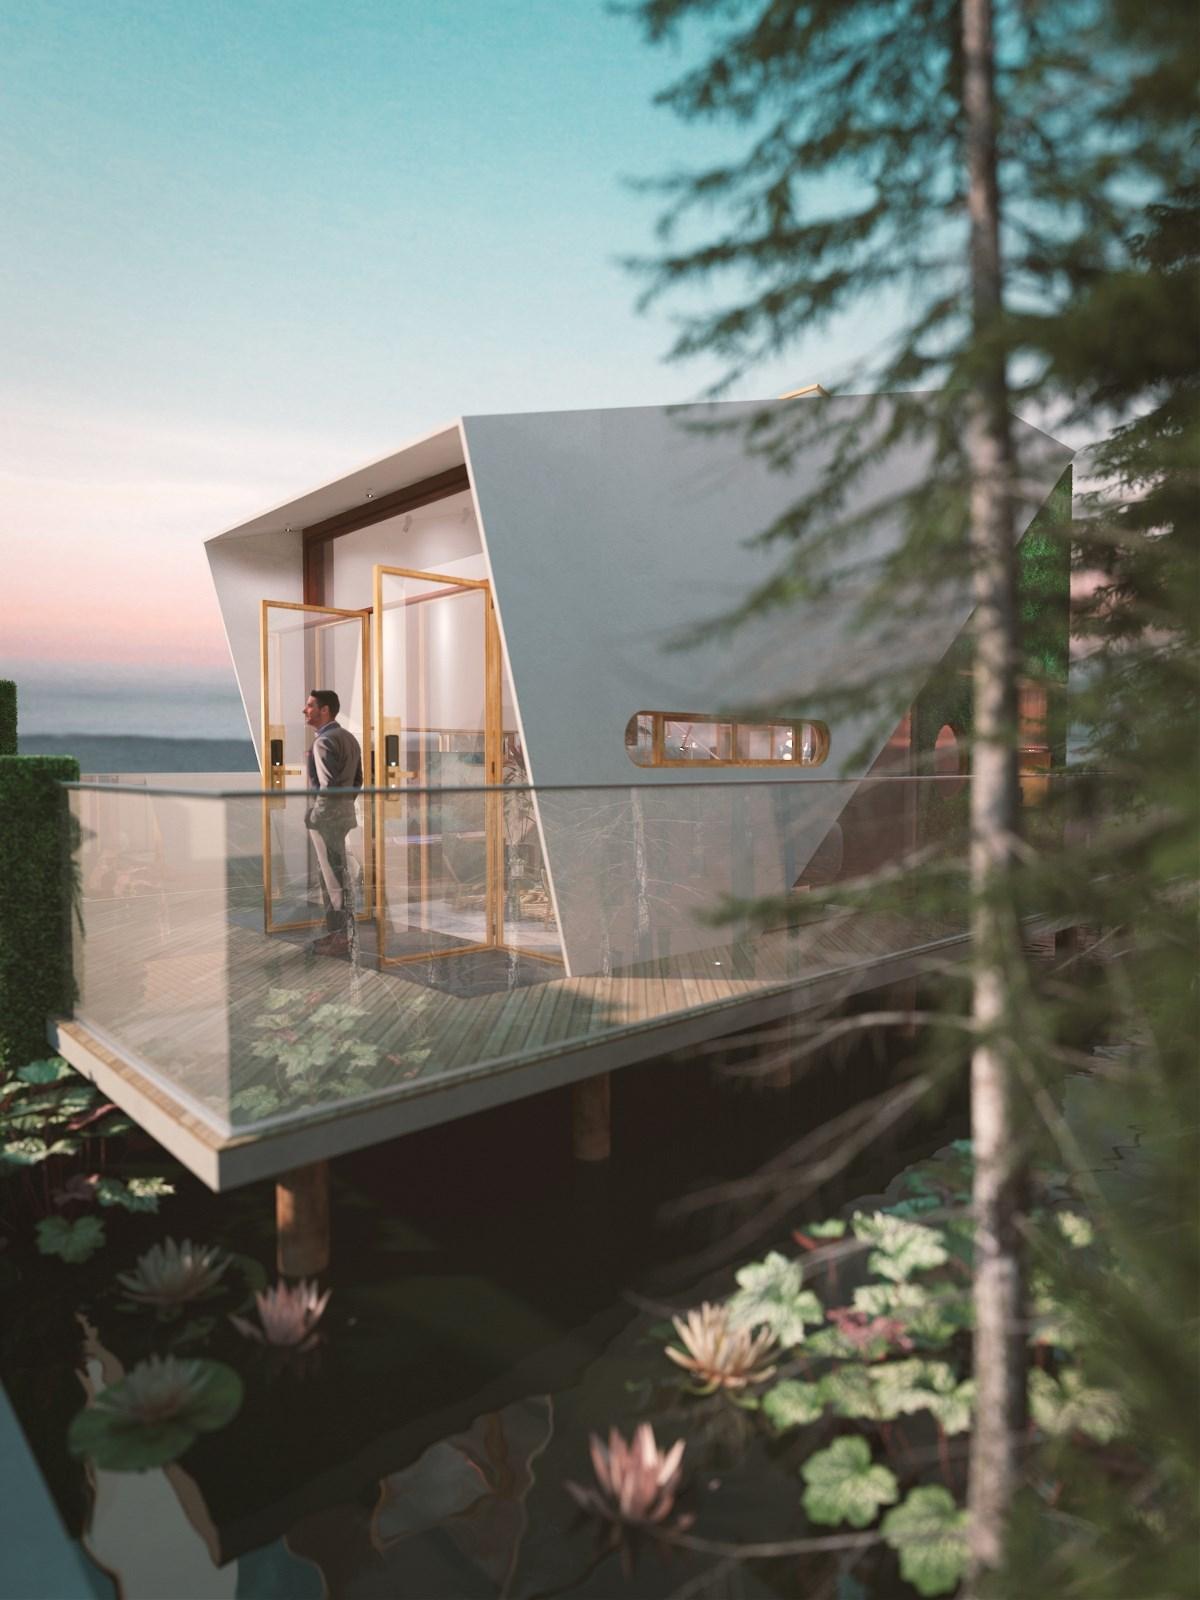 微馆 - 可装配式建筑以及整体室内设计